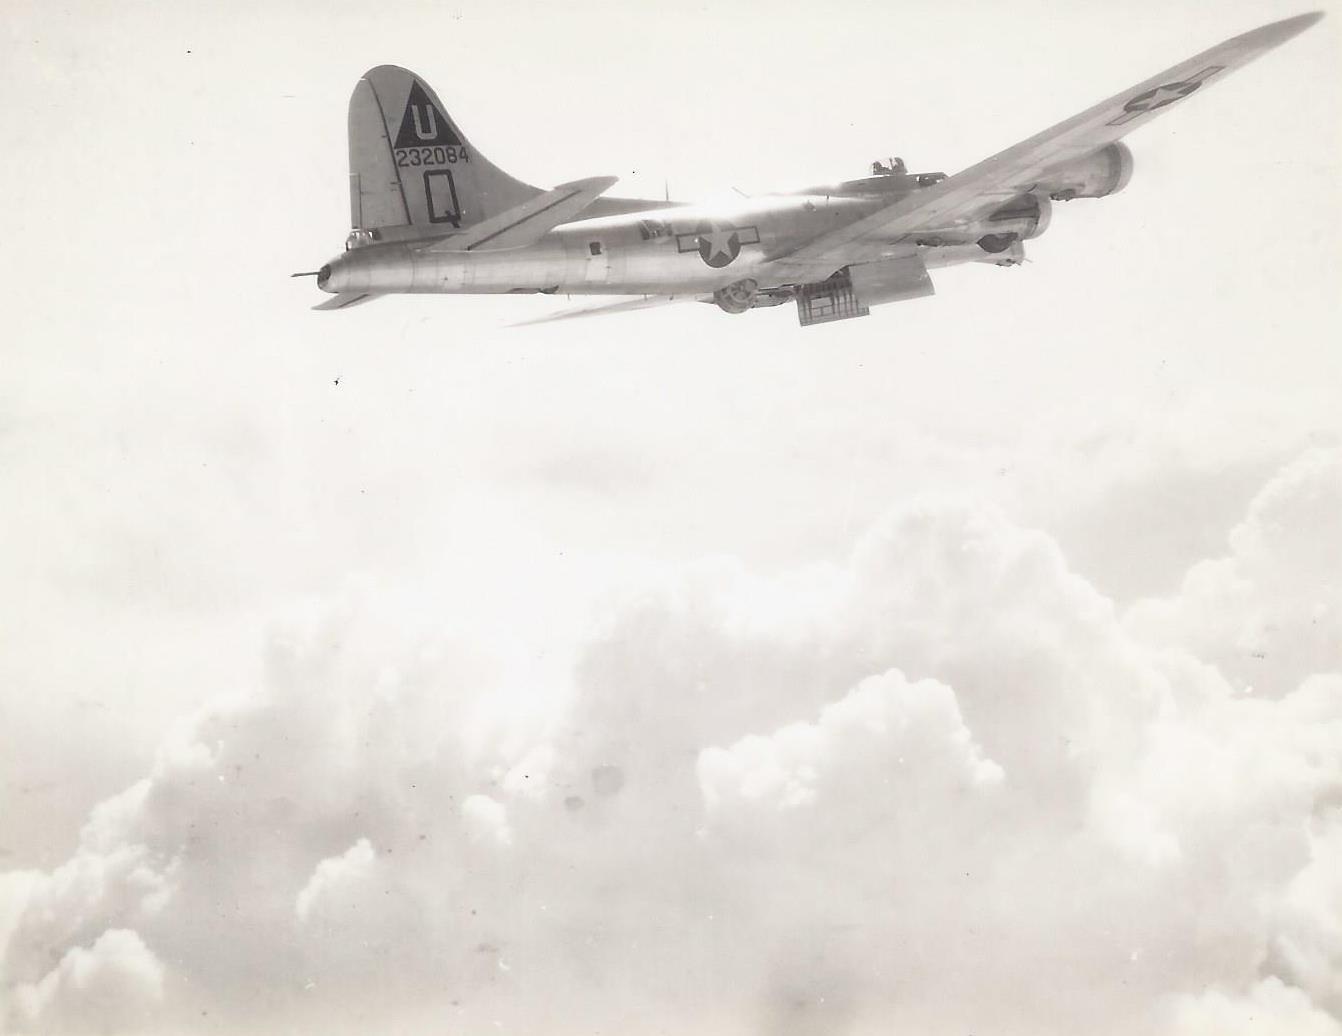 B-17 #42-32084 / Li'l Satan